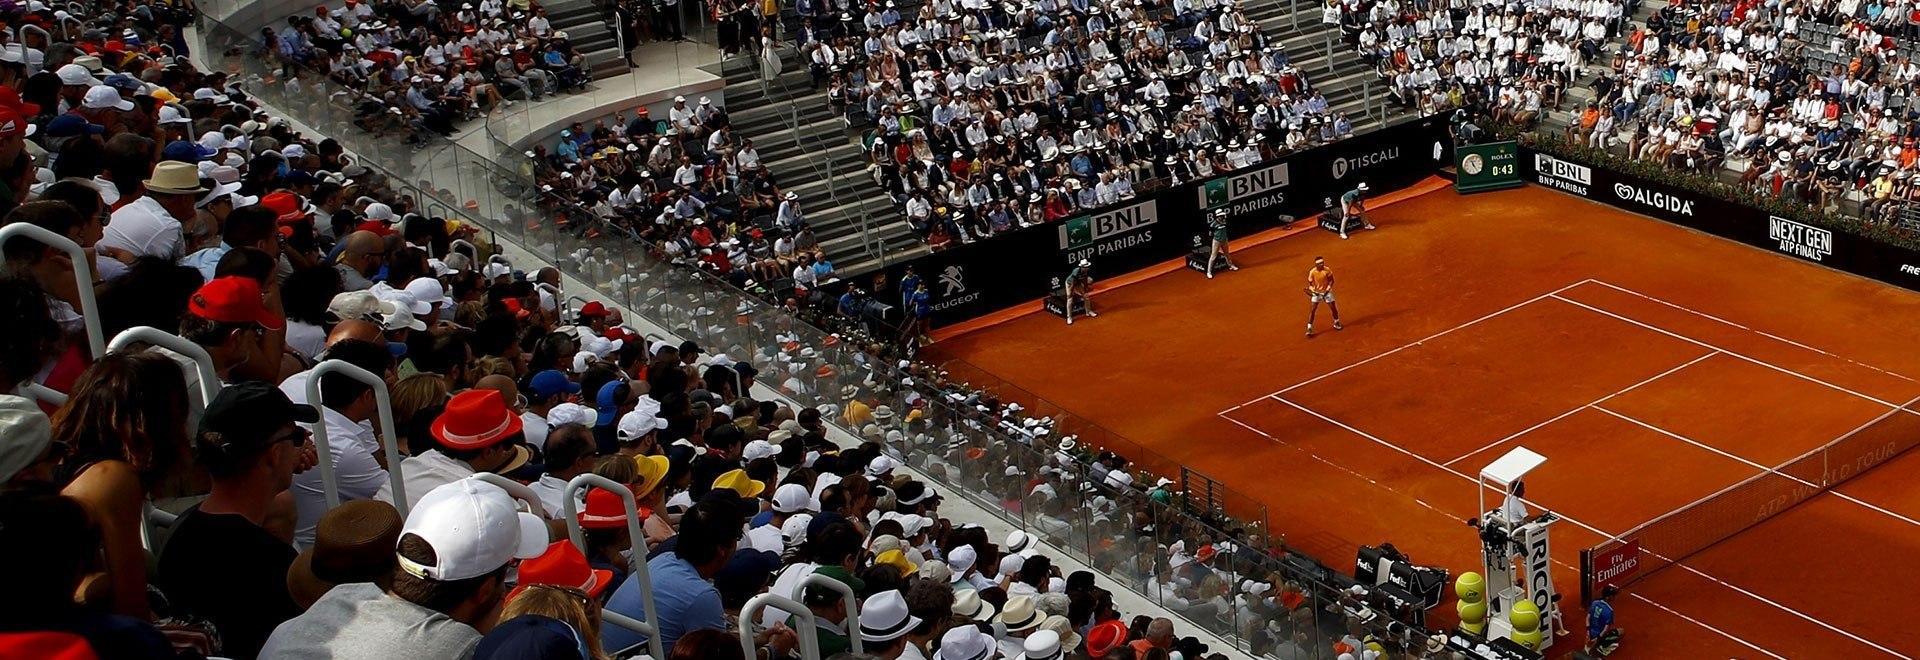 ATP Roma 2011